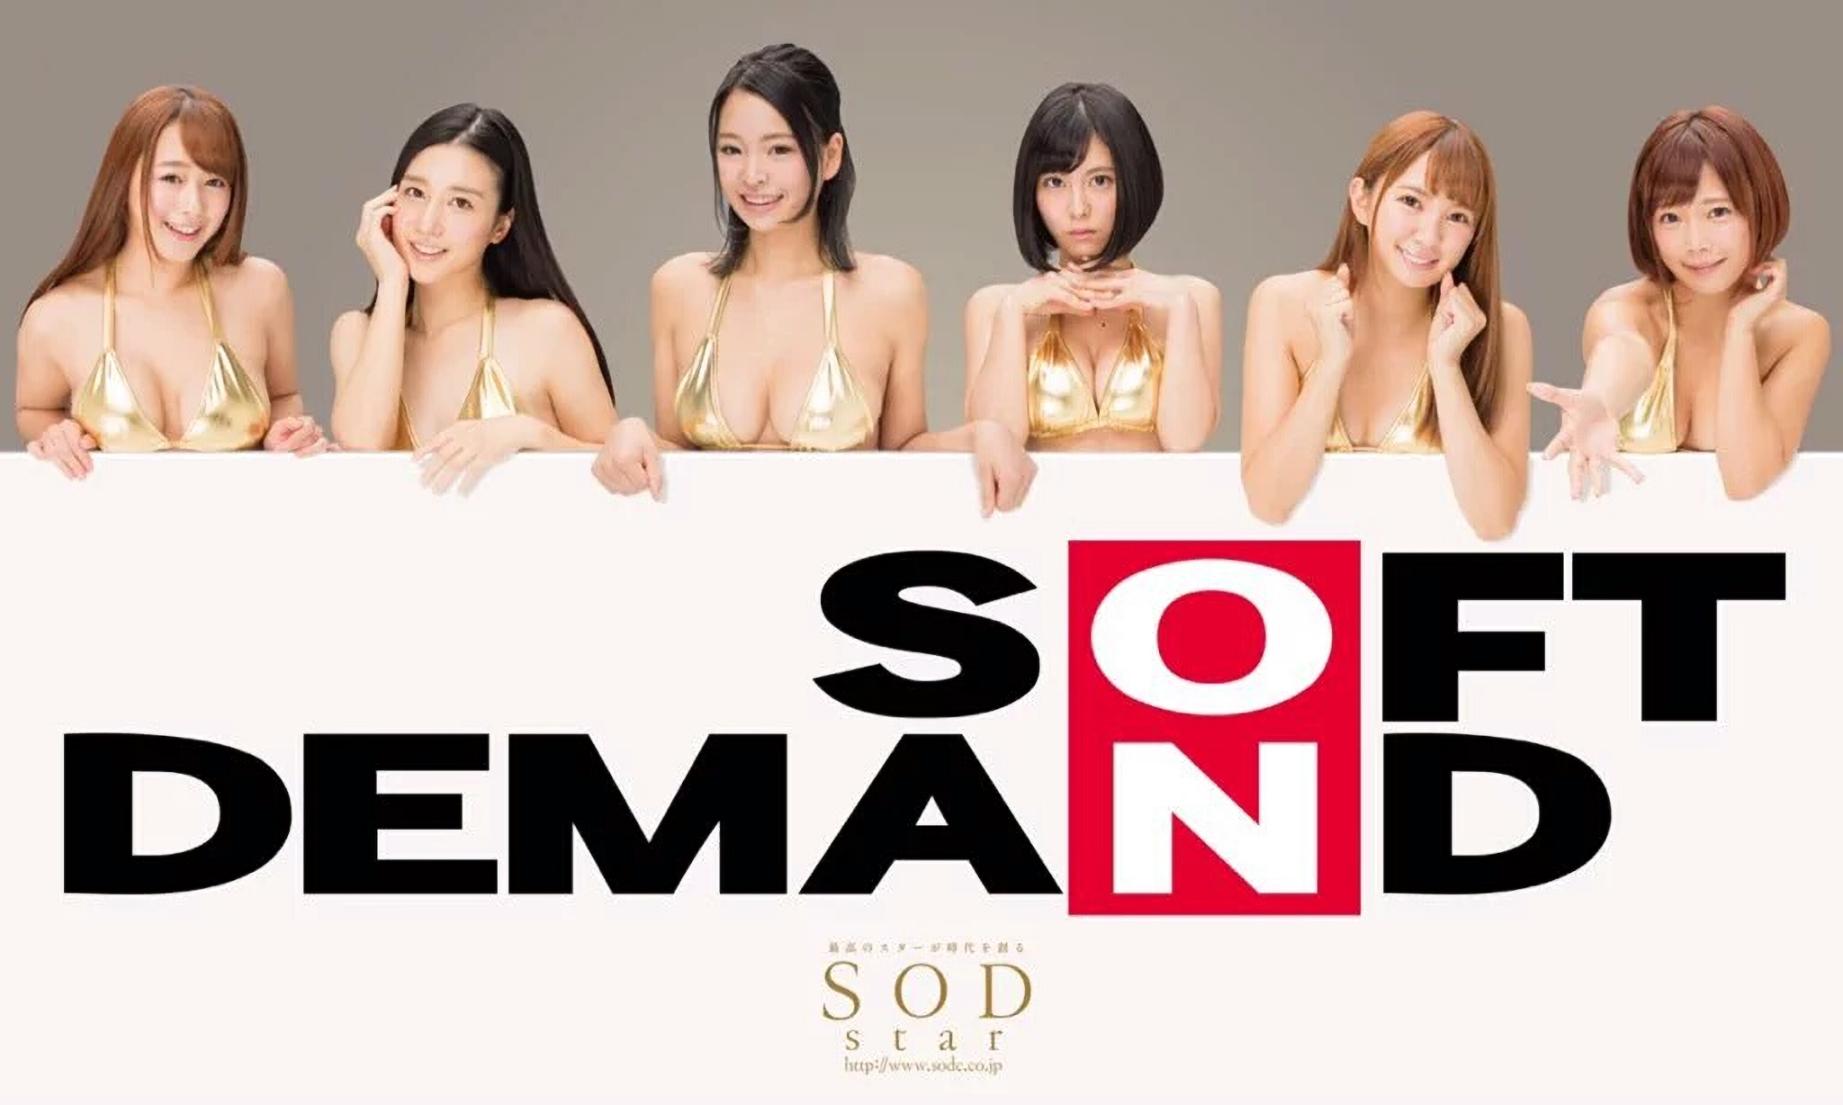 SOFT ON DEMAND SOD star 2015